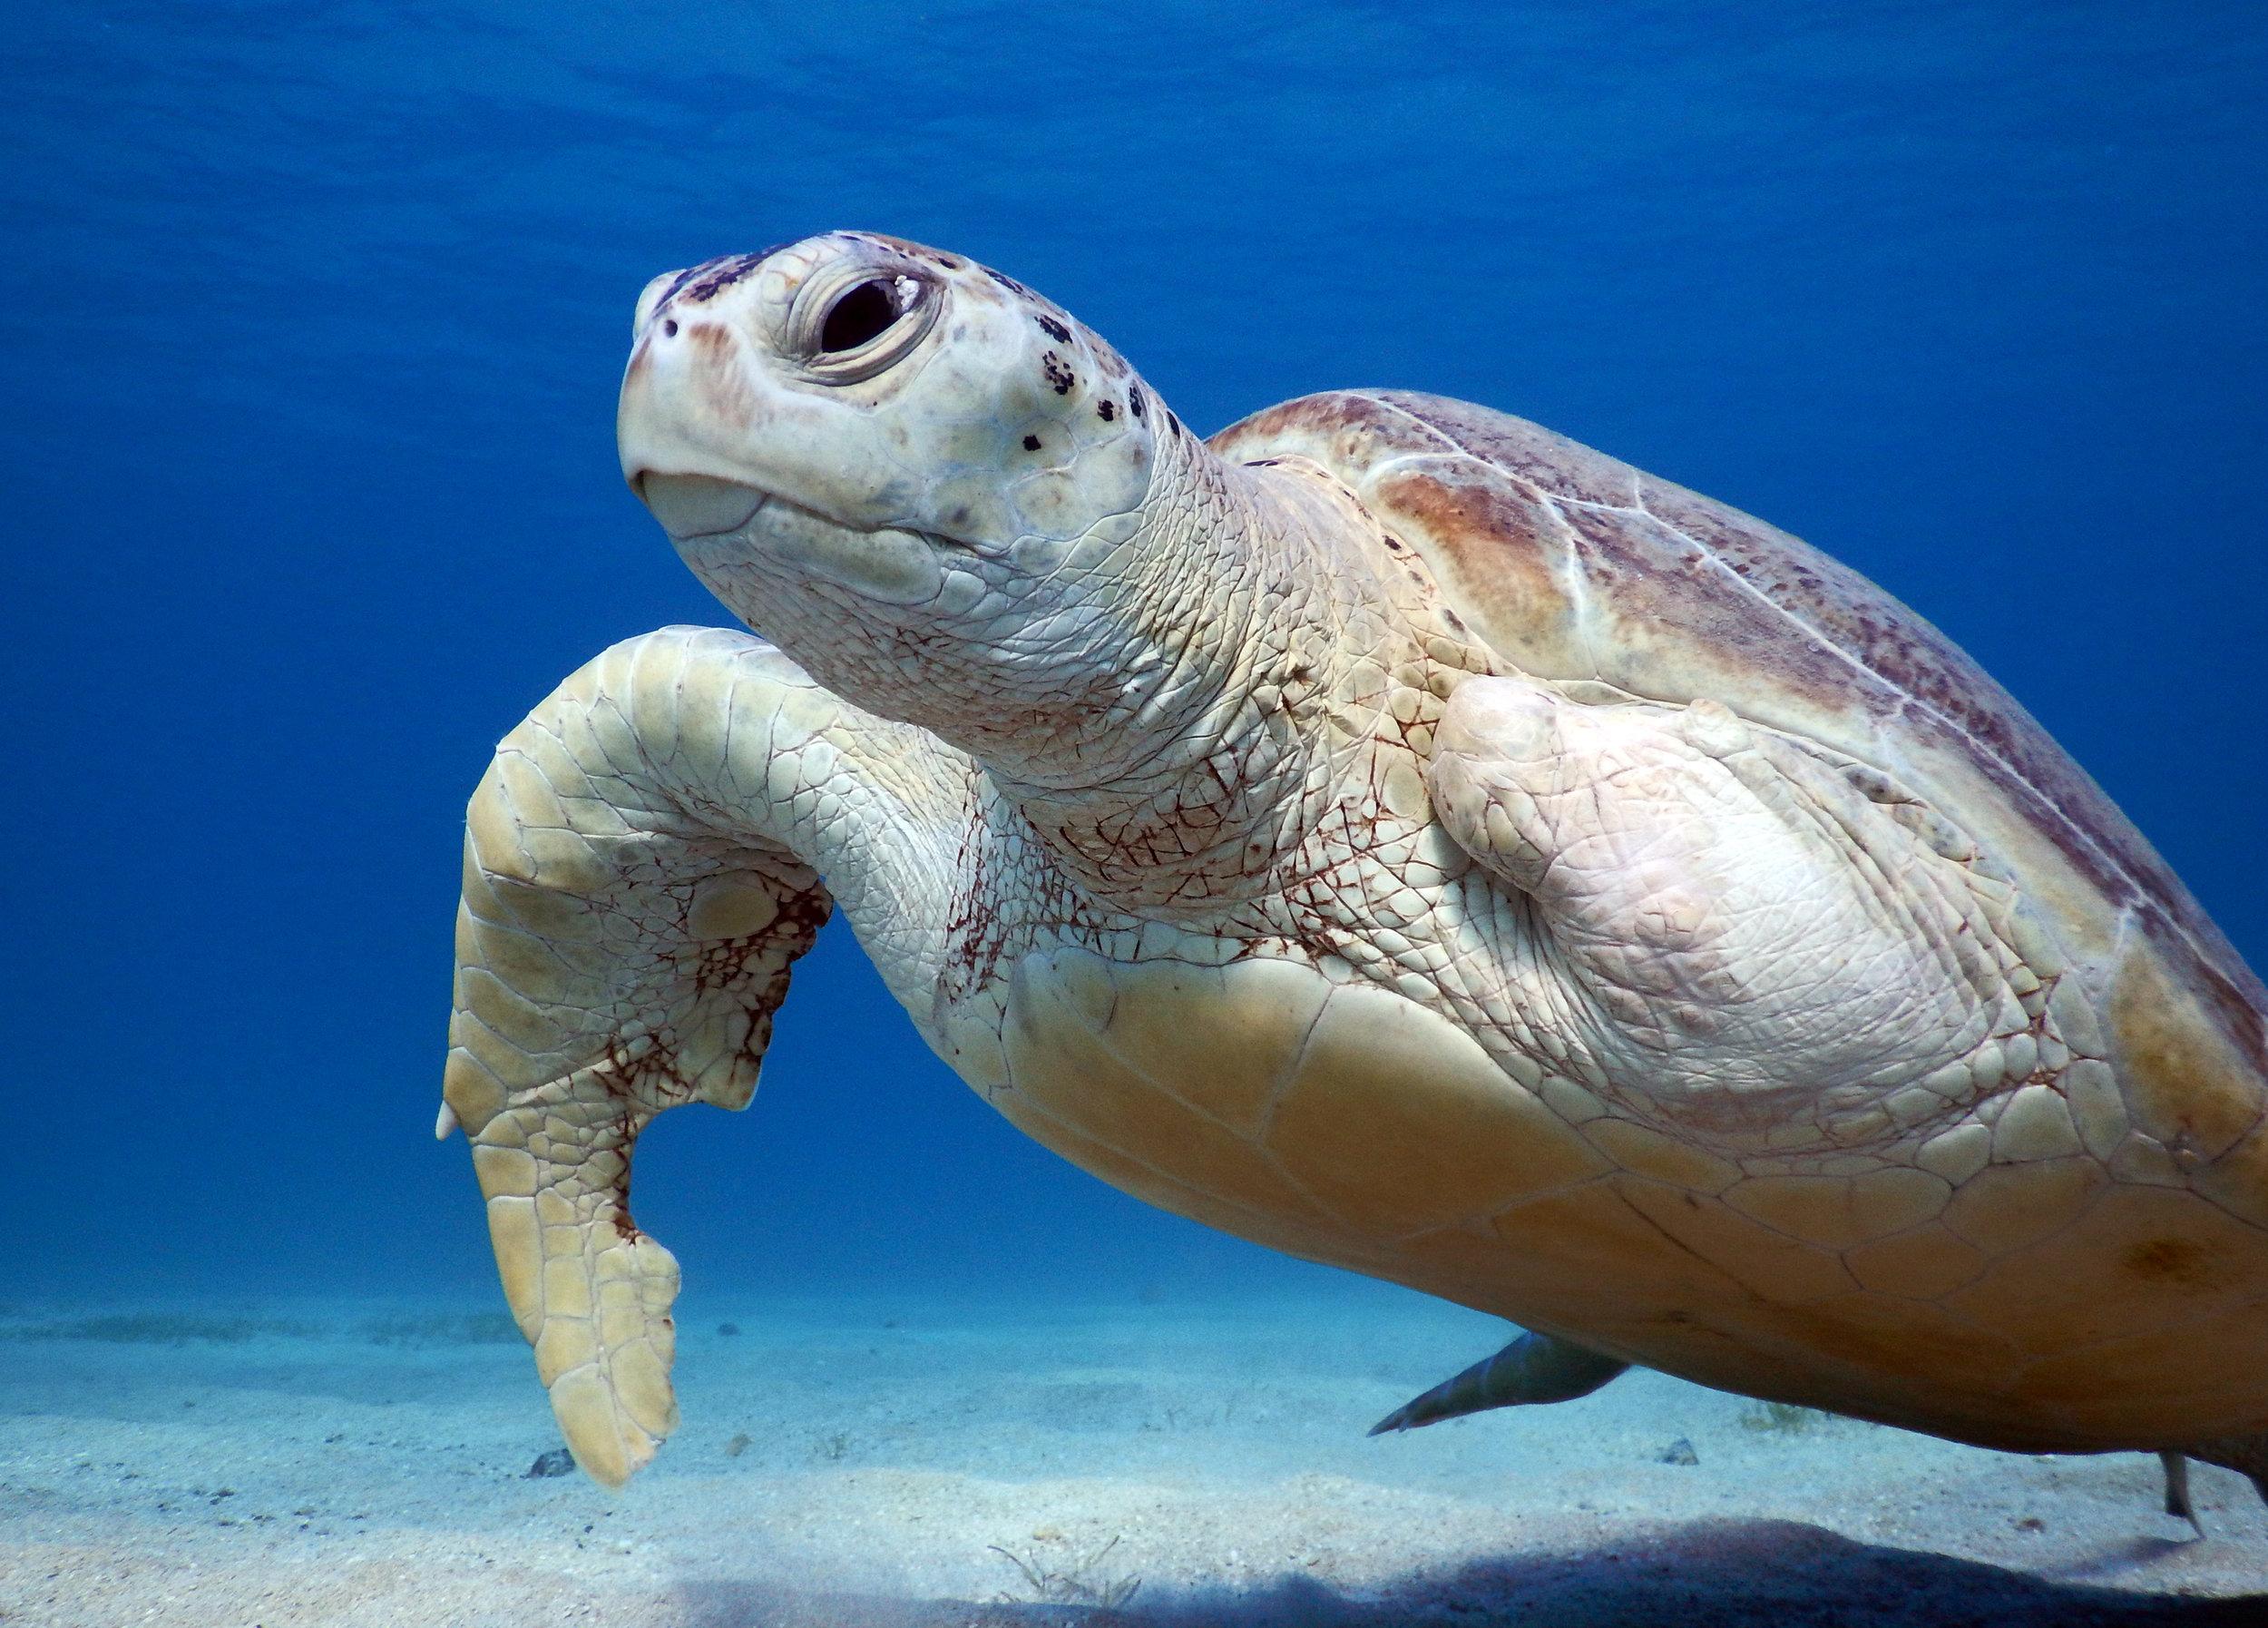 TURTLE CREDIT: Anett Szaszi / coral reef image bank